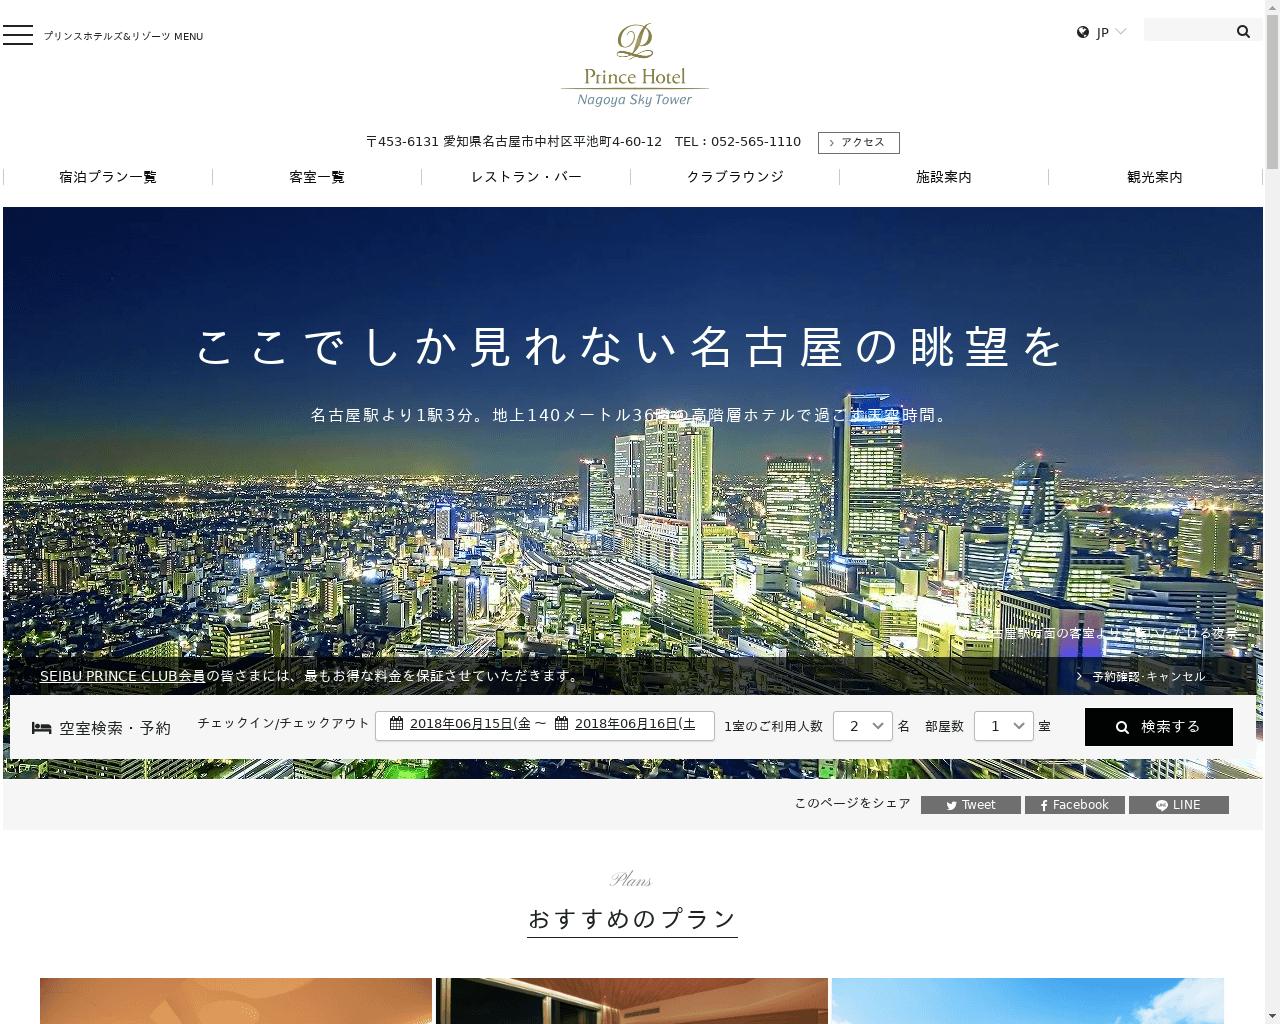 高級ホテル特集 名古屋プリンスホテル スカイタワー